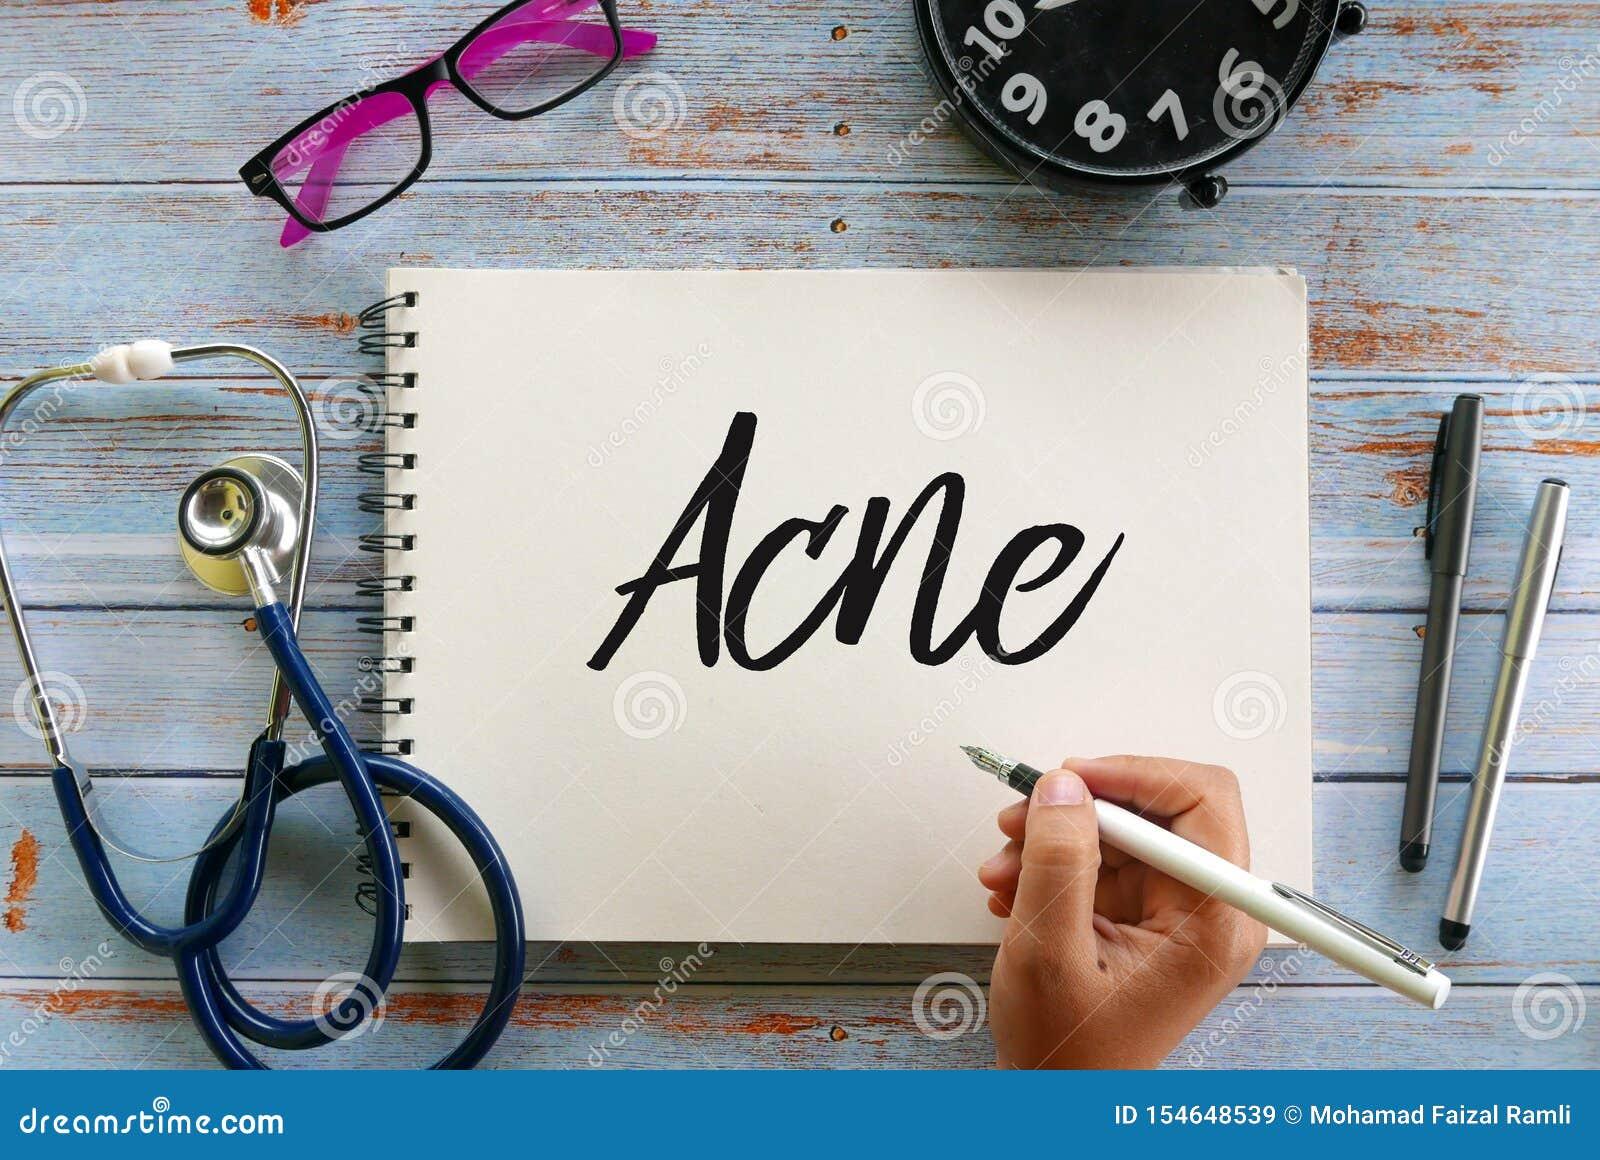 Hoogste mening van zonnebril, klok, stethoscoop, pen en de pen het schrijven van de handholding Acne op notitieboekje